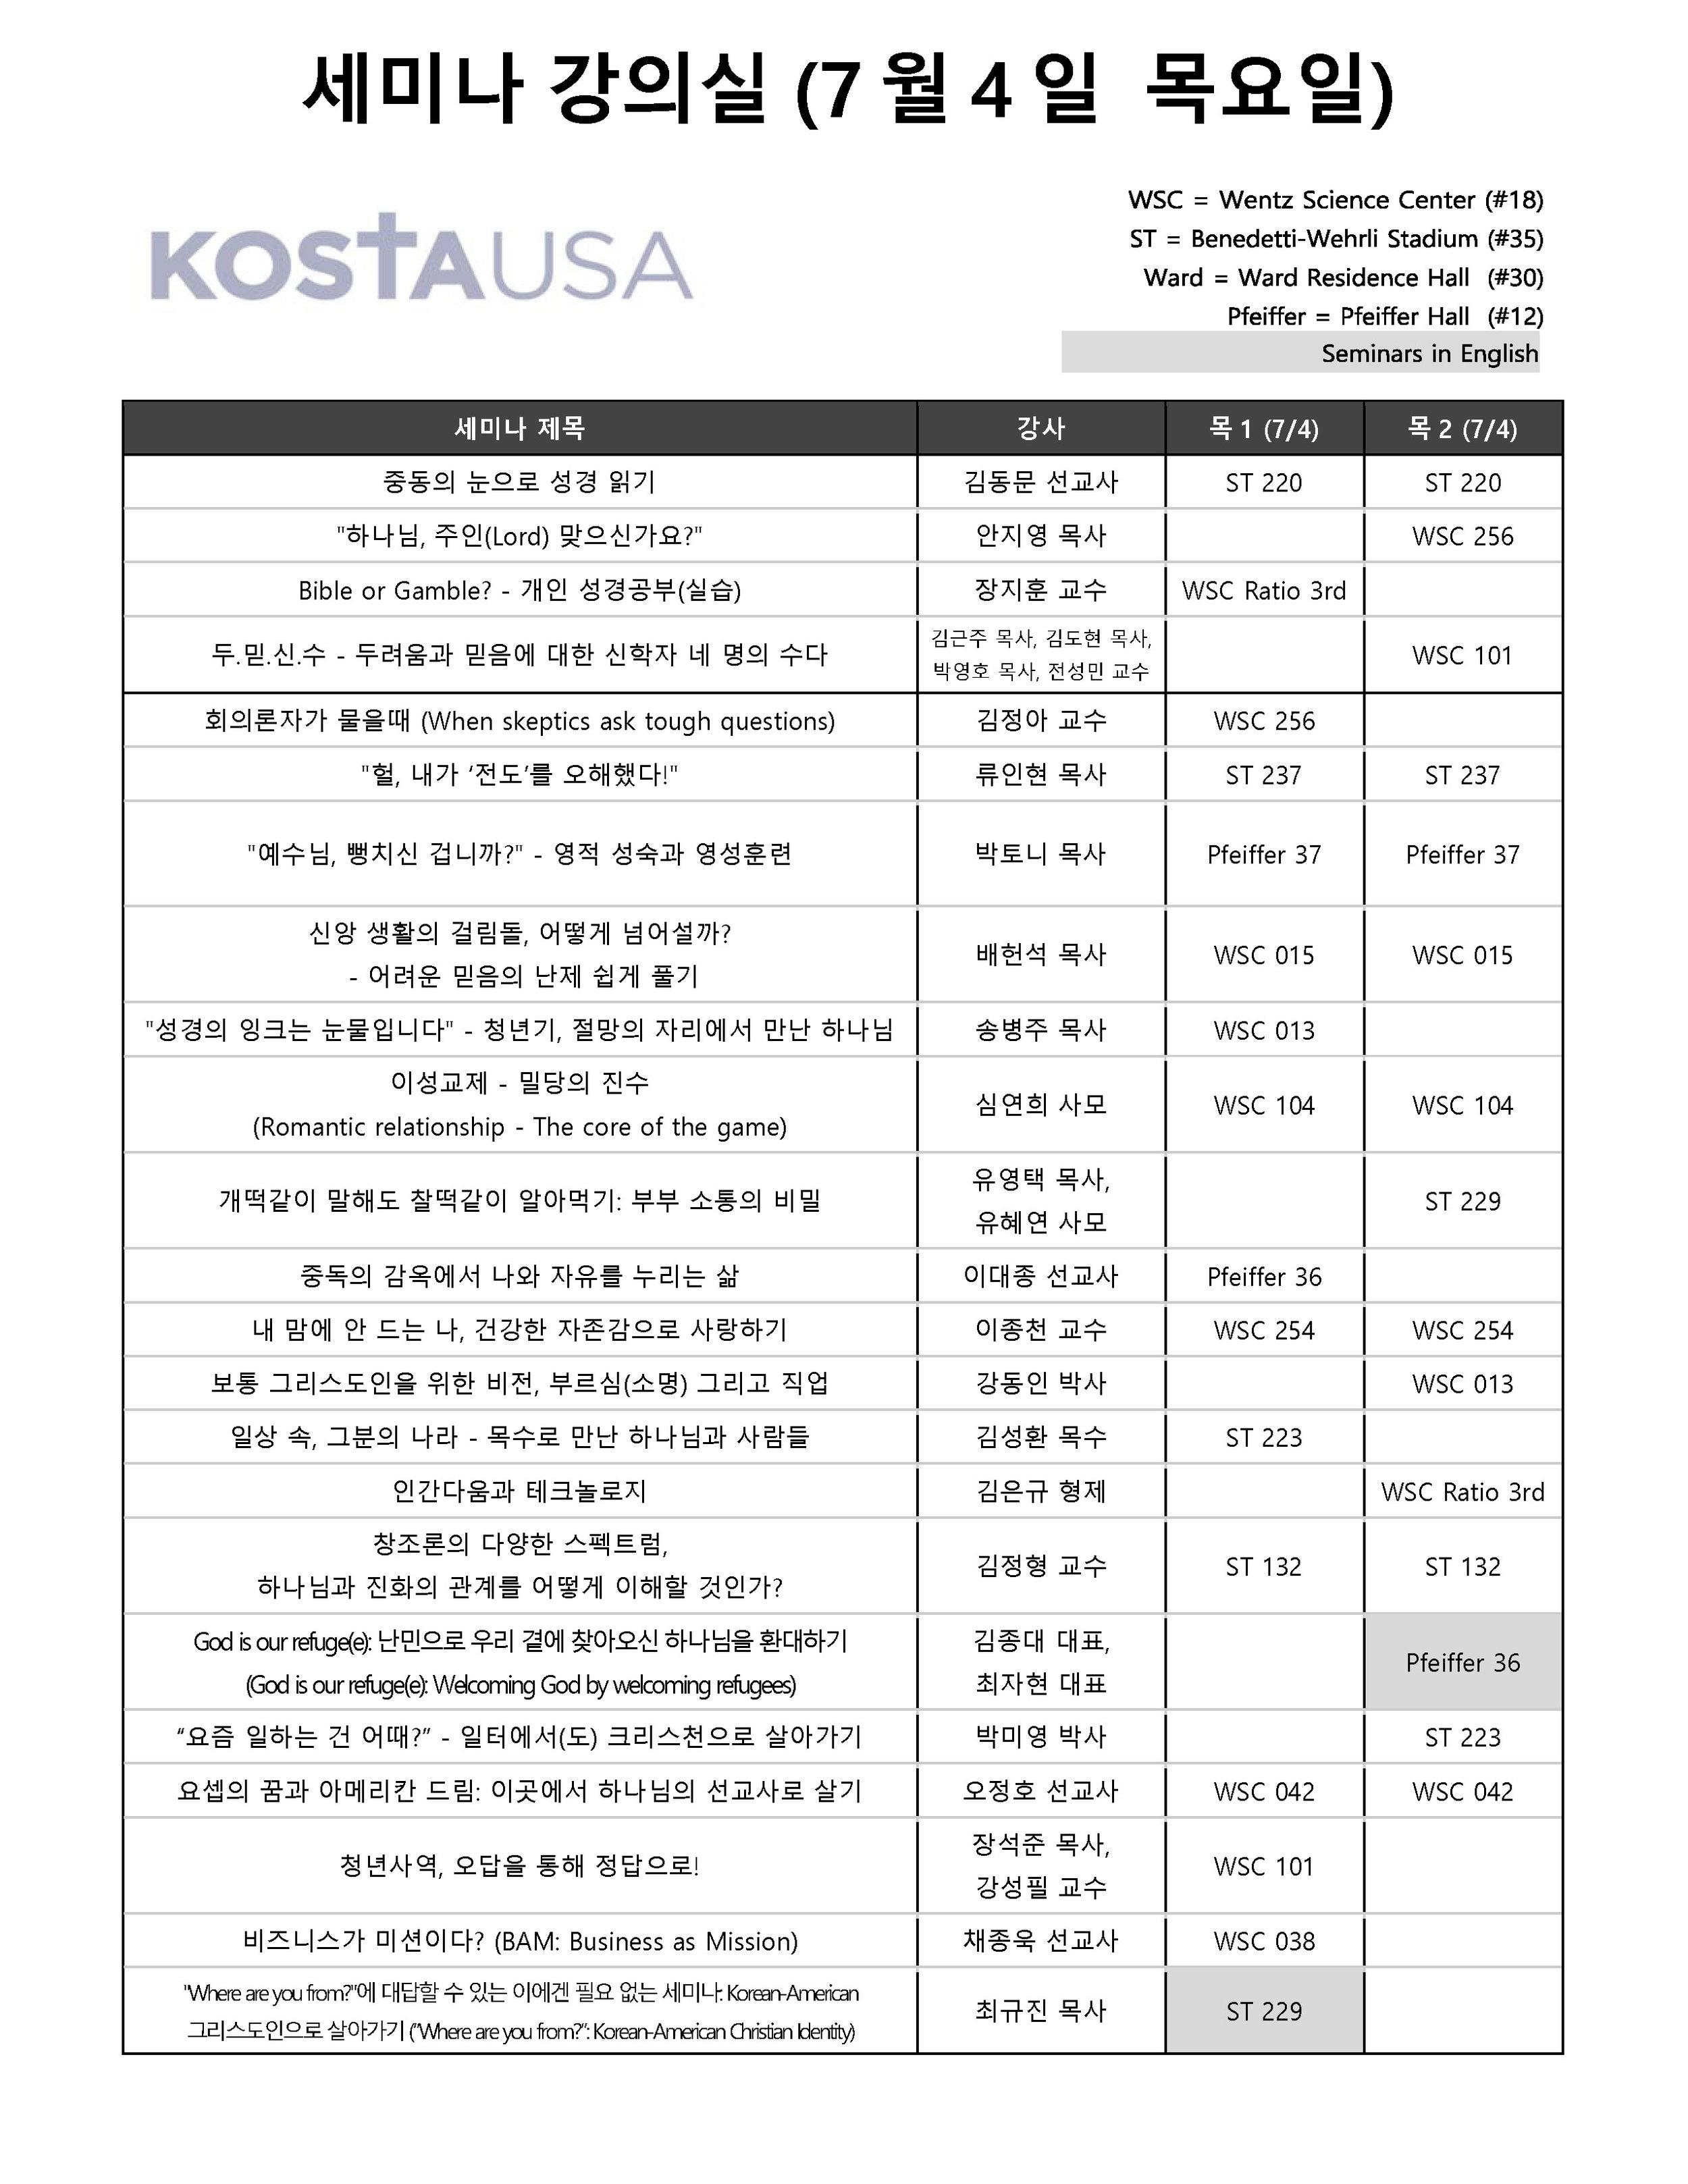 Seminar Daily Schedule 2019 Thu.jpg